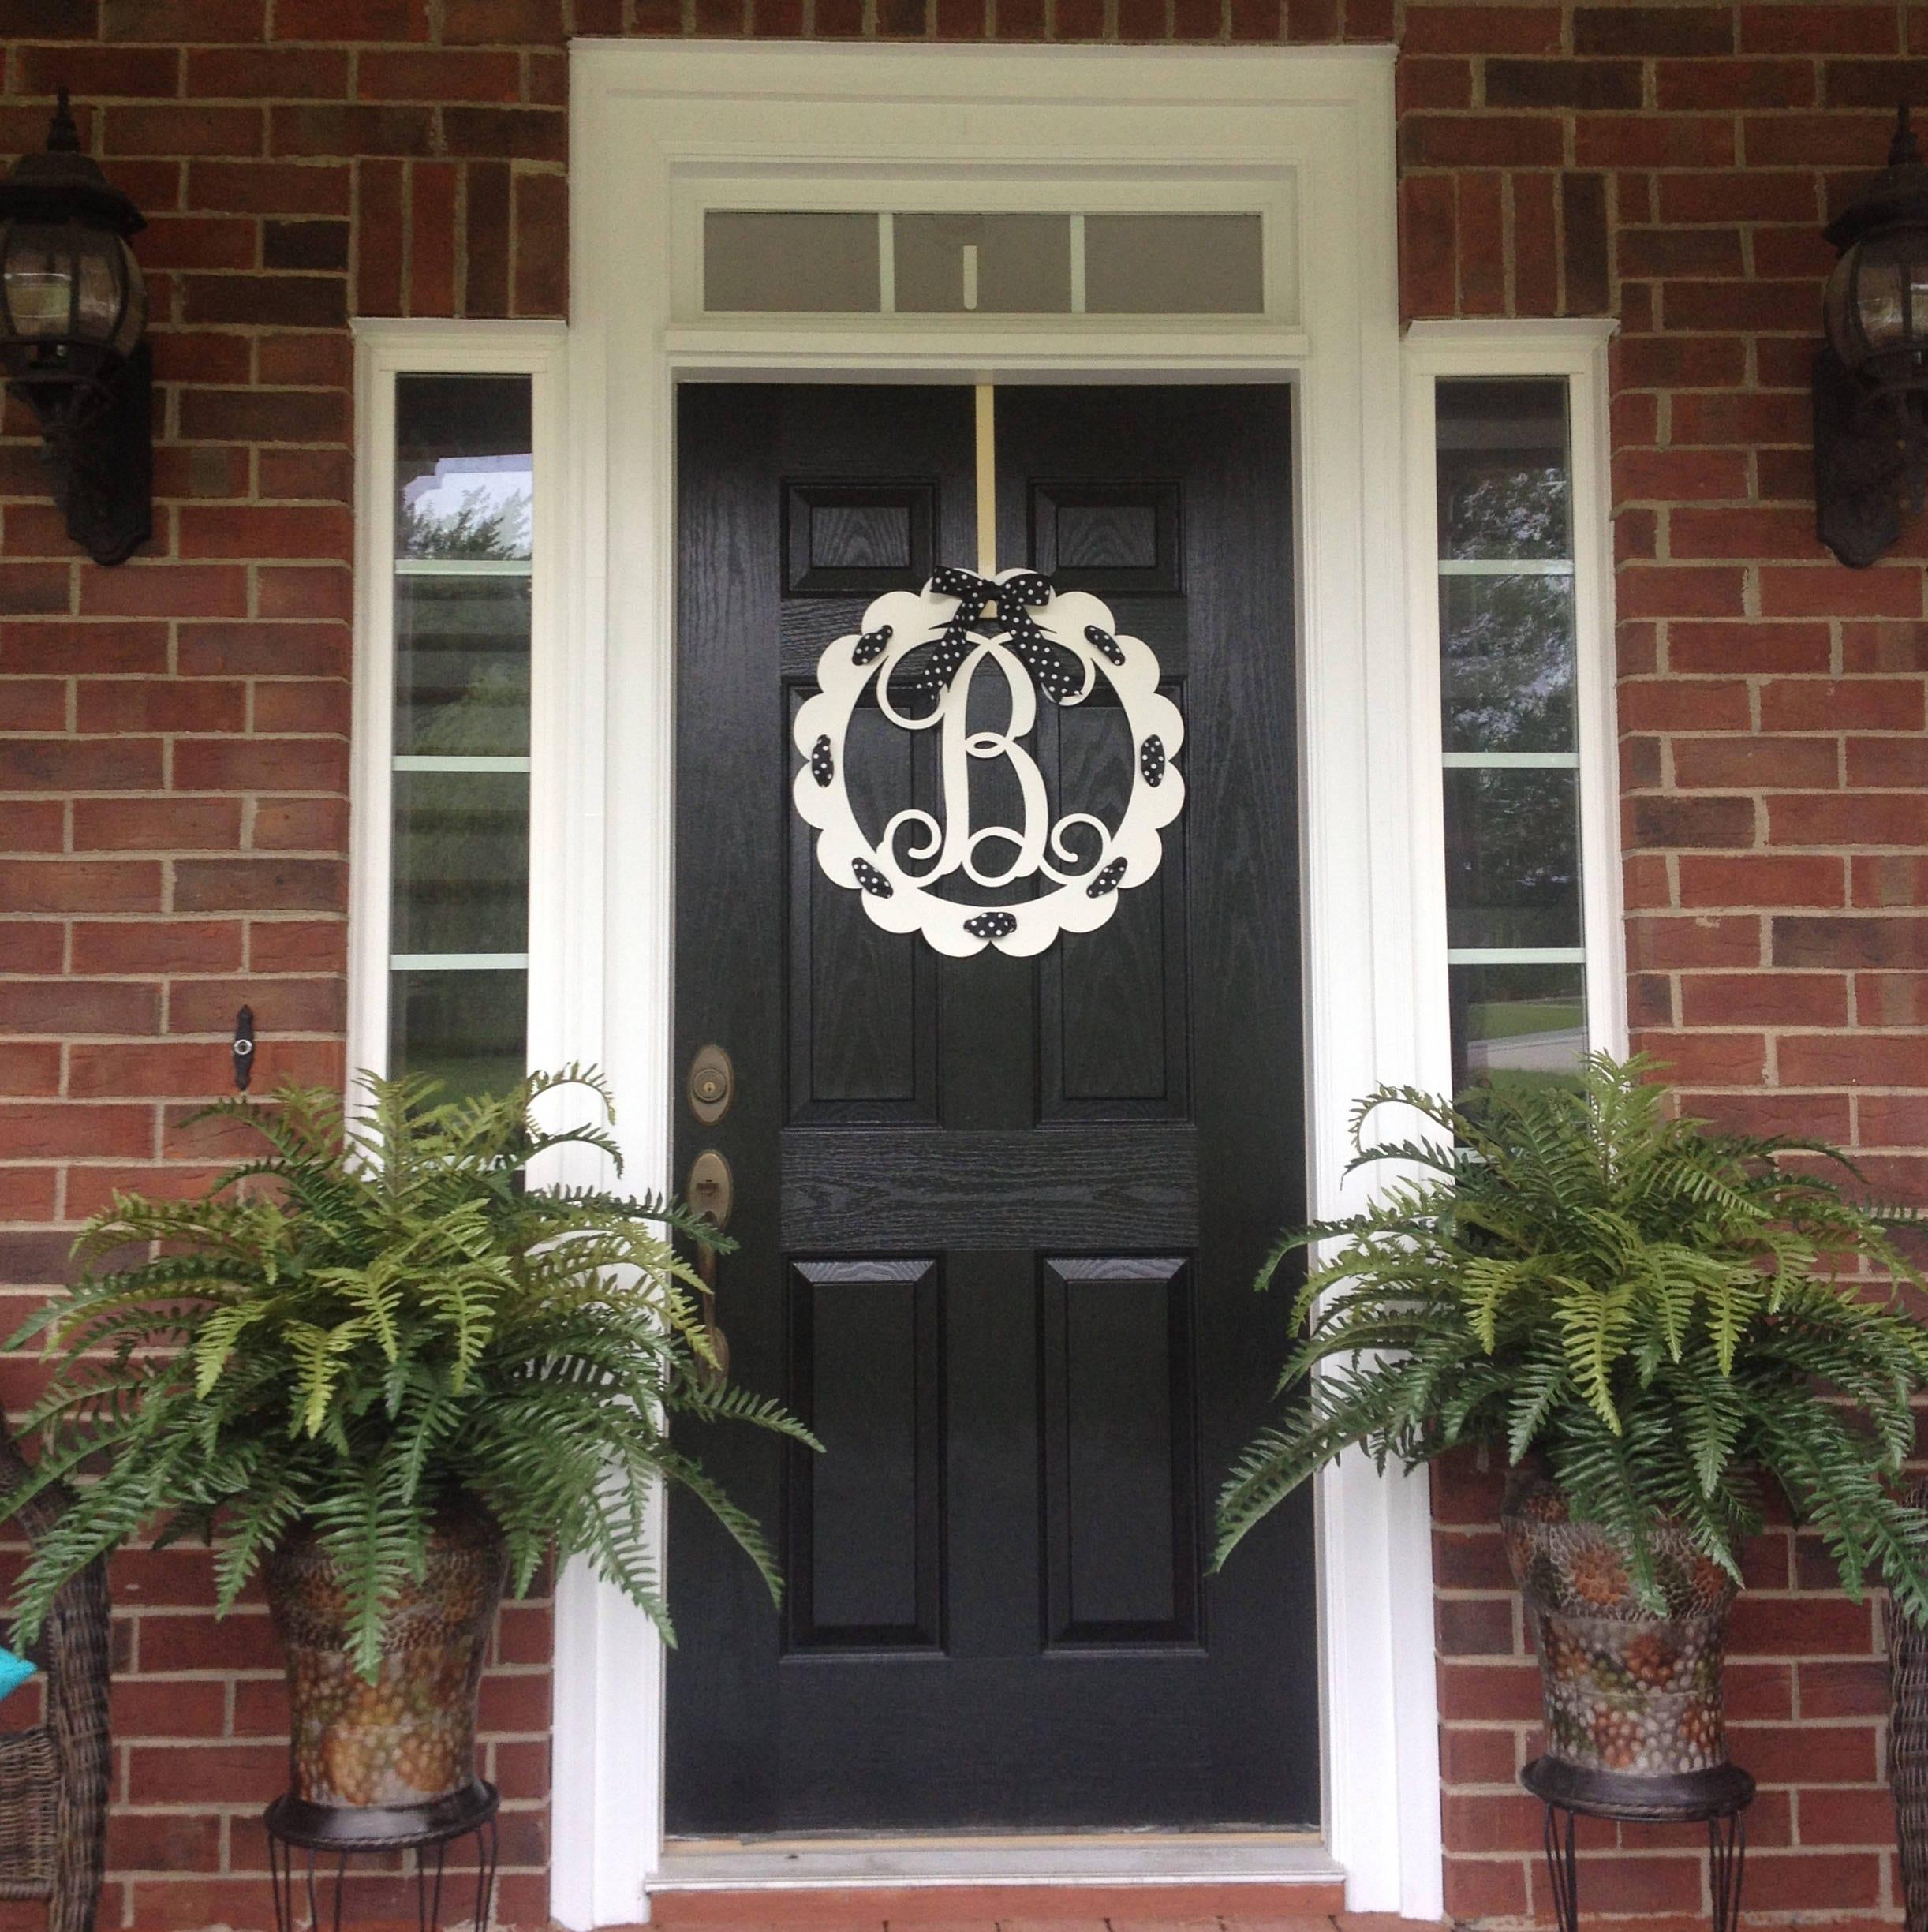 Monogram Front Door Wreaths - Monogram door wreath front door monogram front door wreaths monogram wreath initial wreath